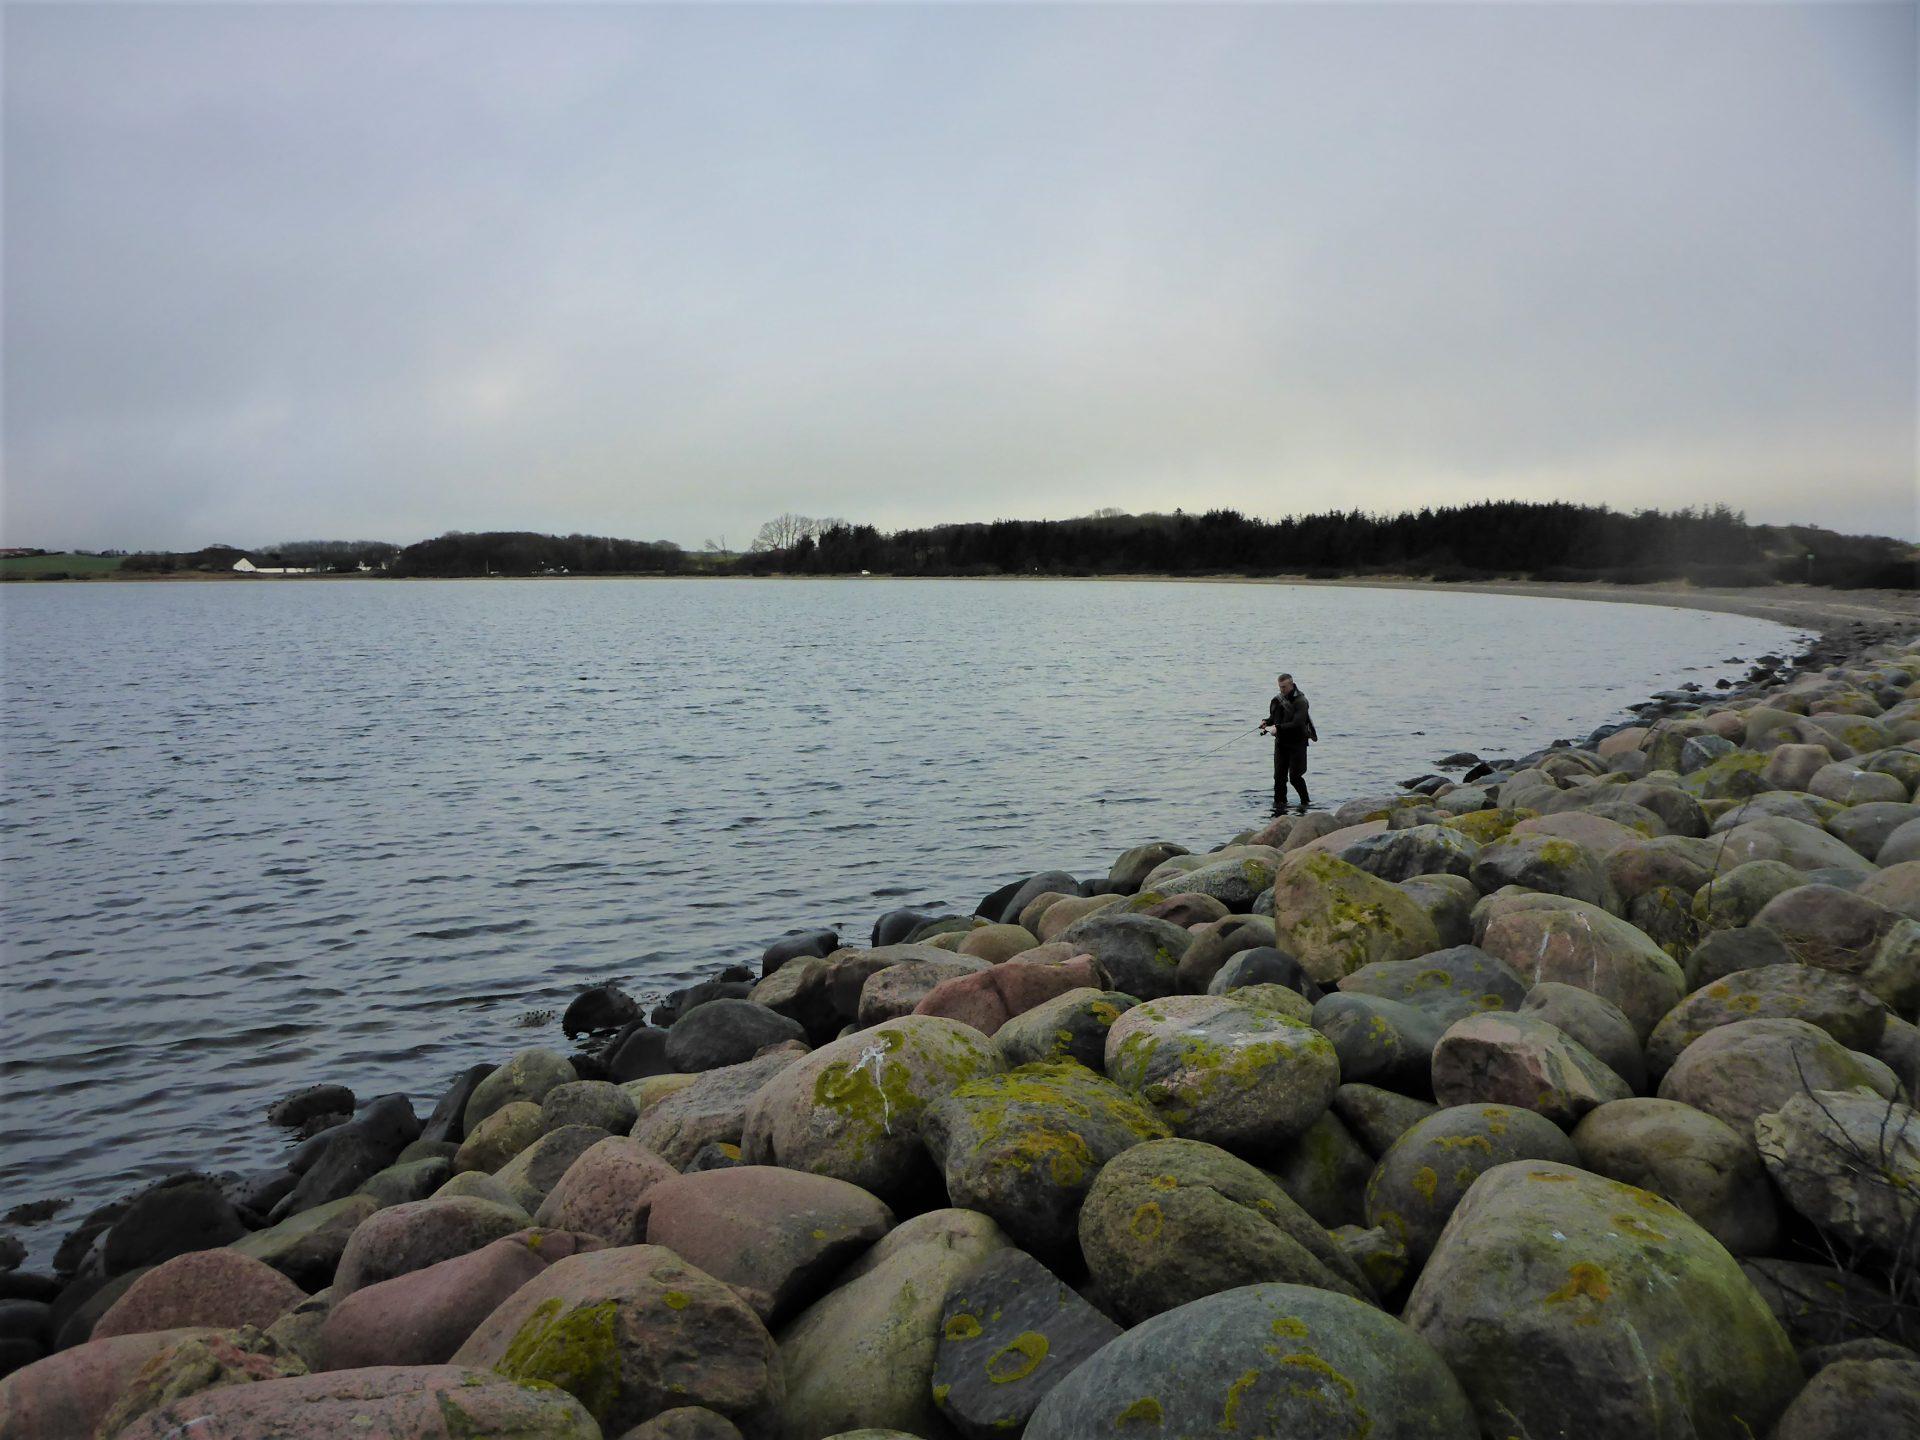 Kleppen er en fiskeplads i Limfjorden til fangst af havørred.